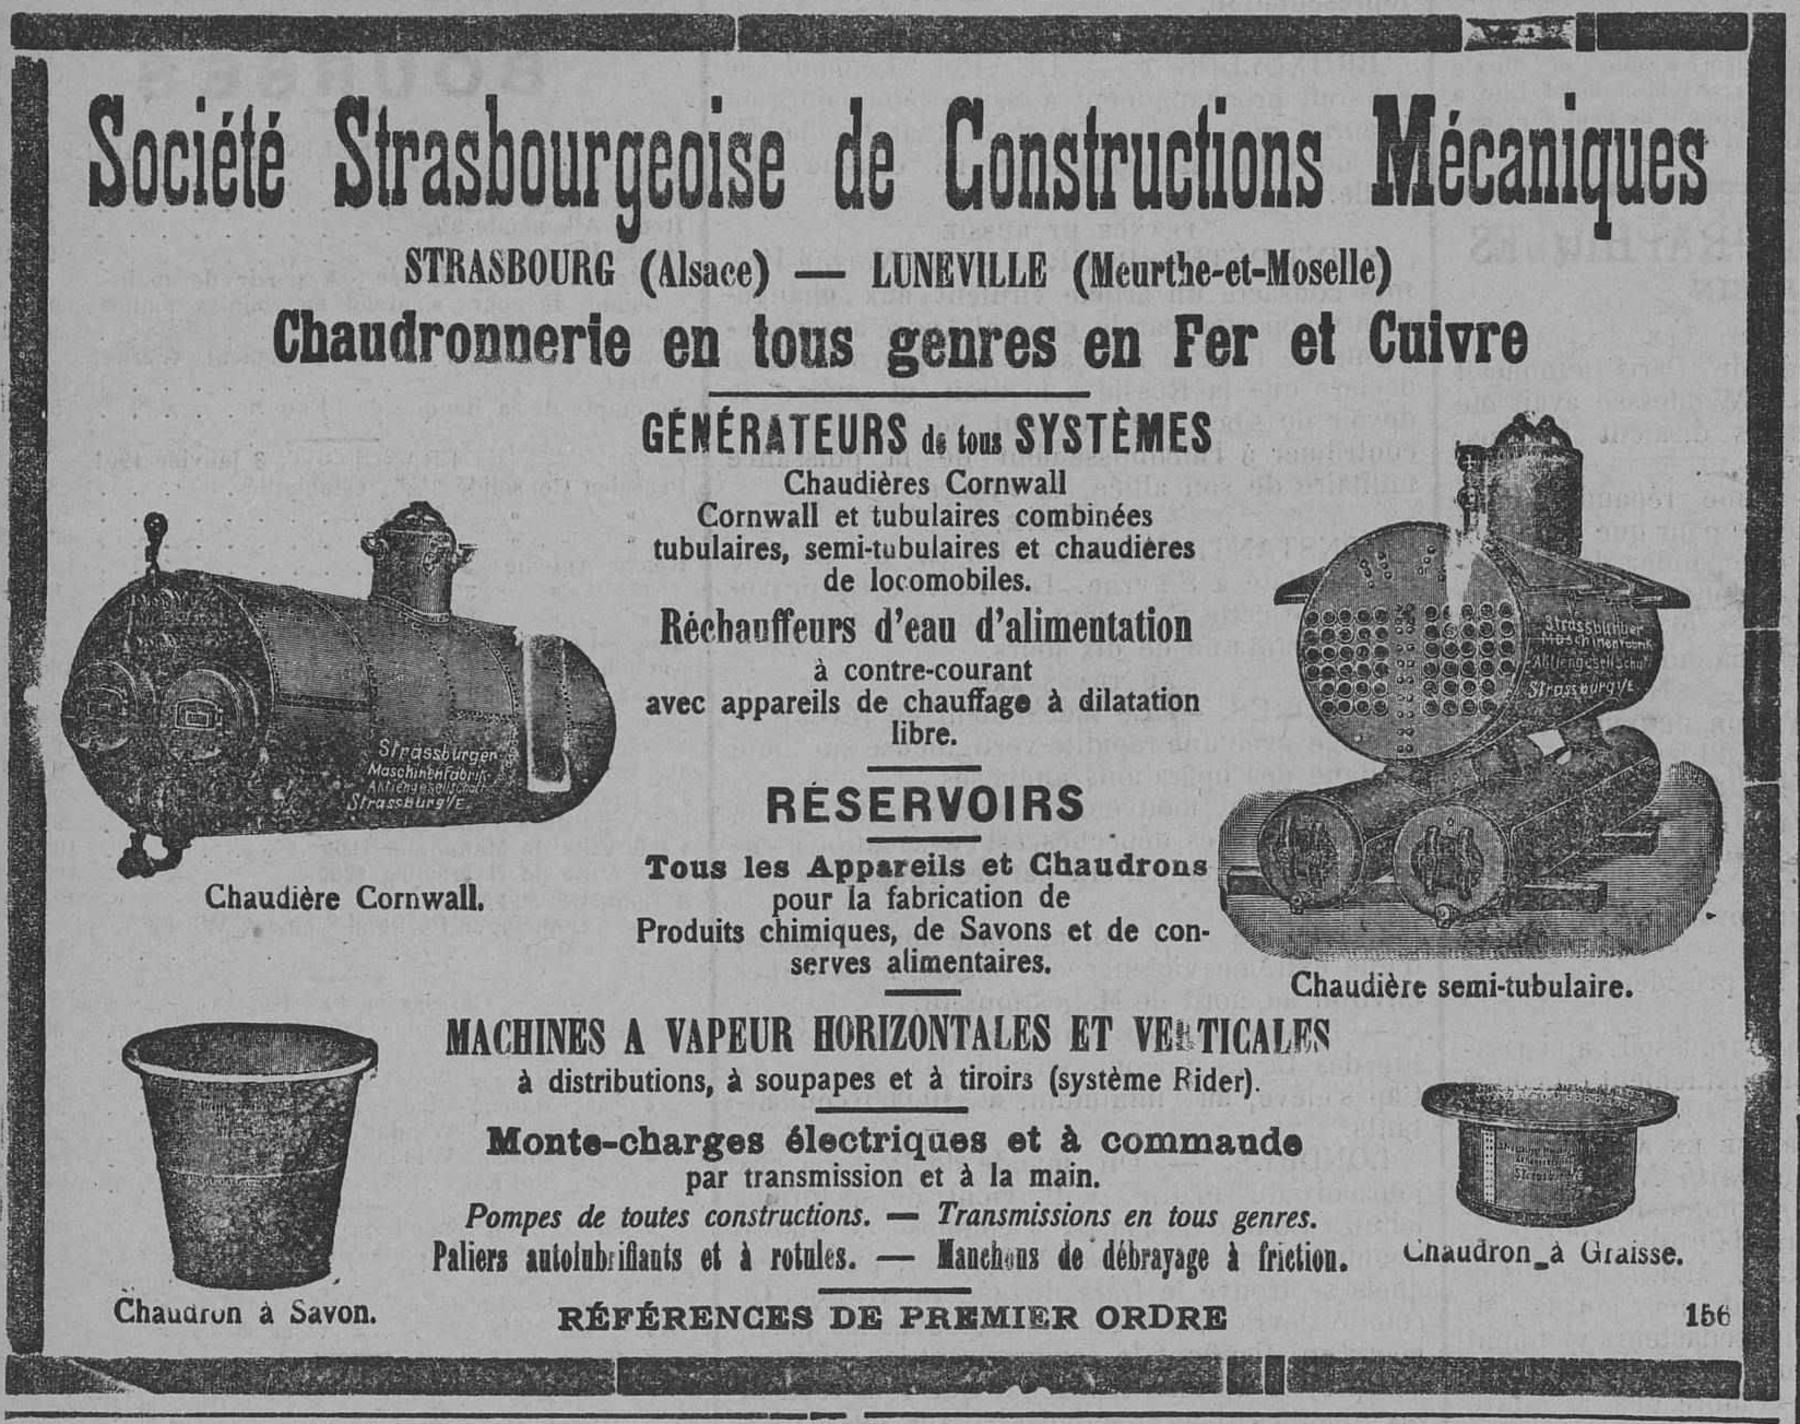 Contenu du Chaudronnerie en tous genres en fer et cuivre, générateurs de tous systèmes, réservoirs, machine à vapeur